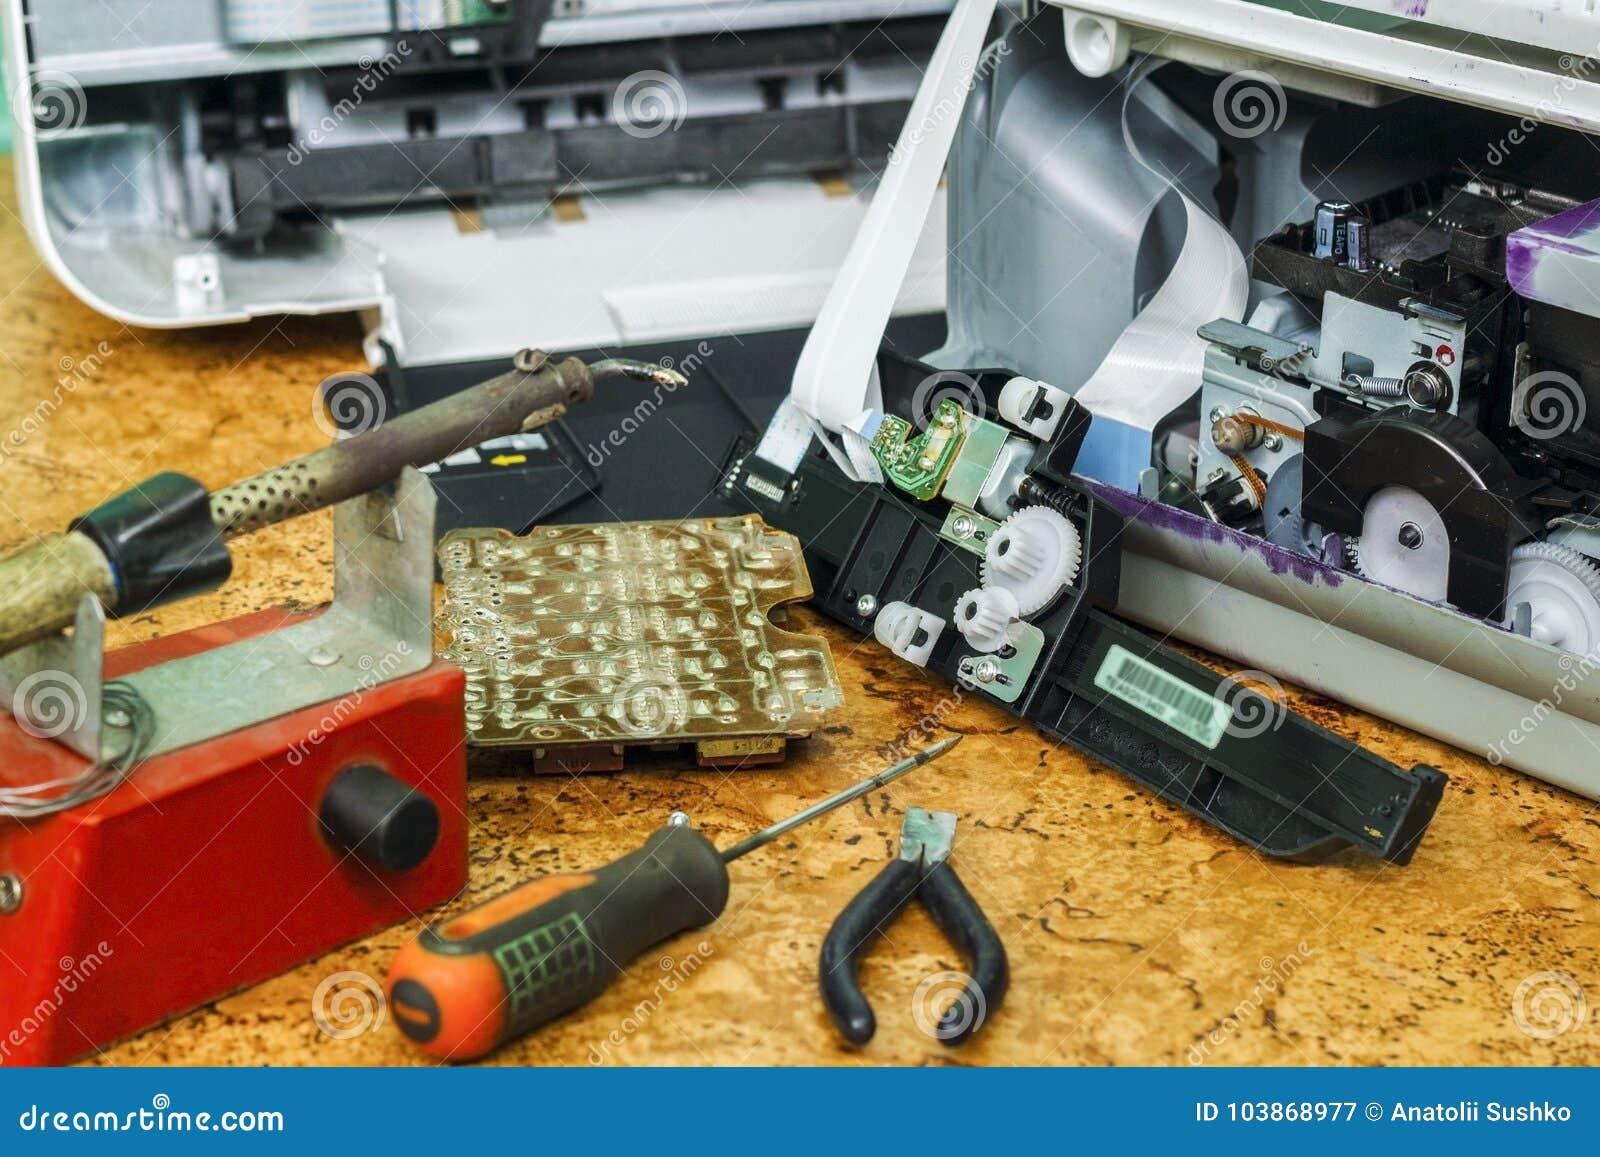 Auf dem Desktop ist auseinandergebaute Ausrüstung und Werkzeuge für Reparatur